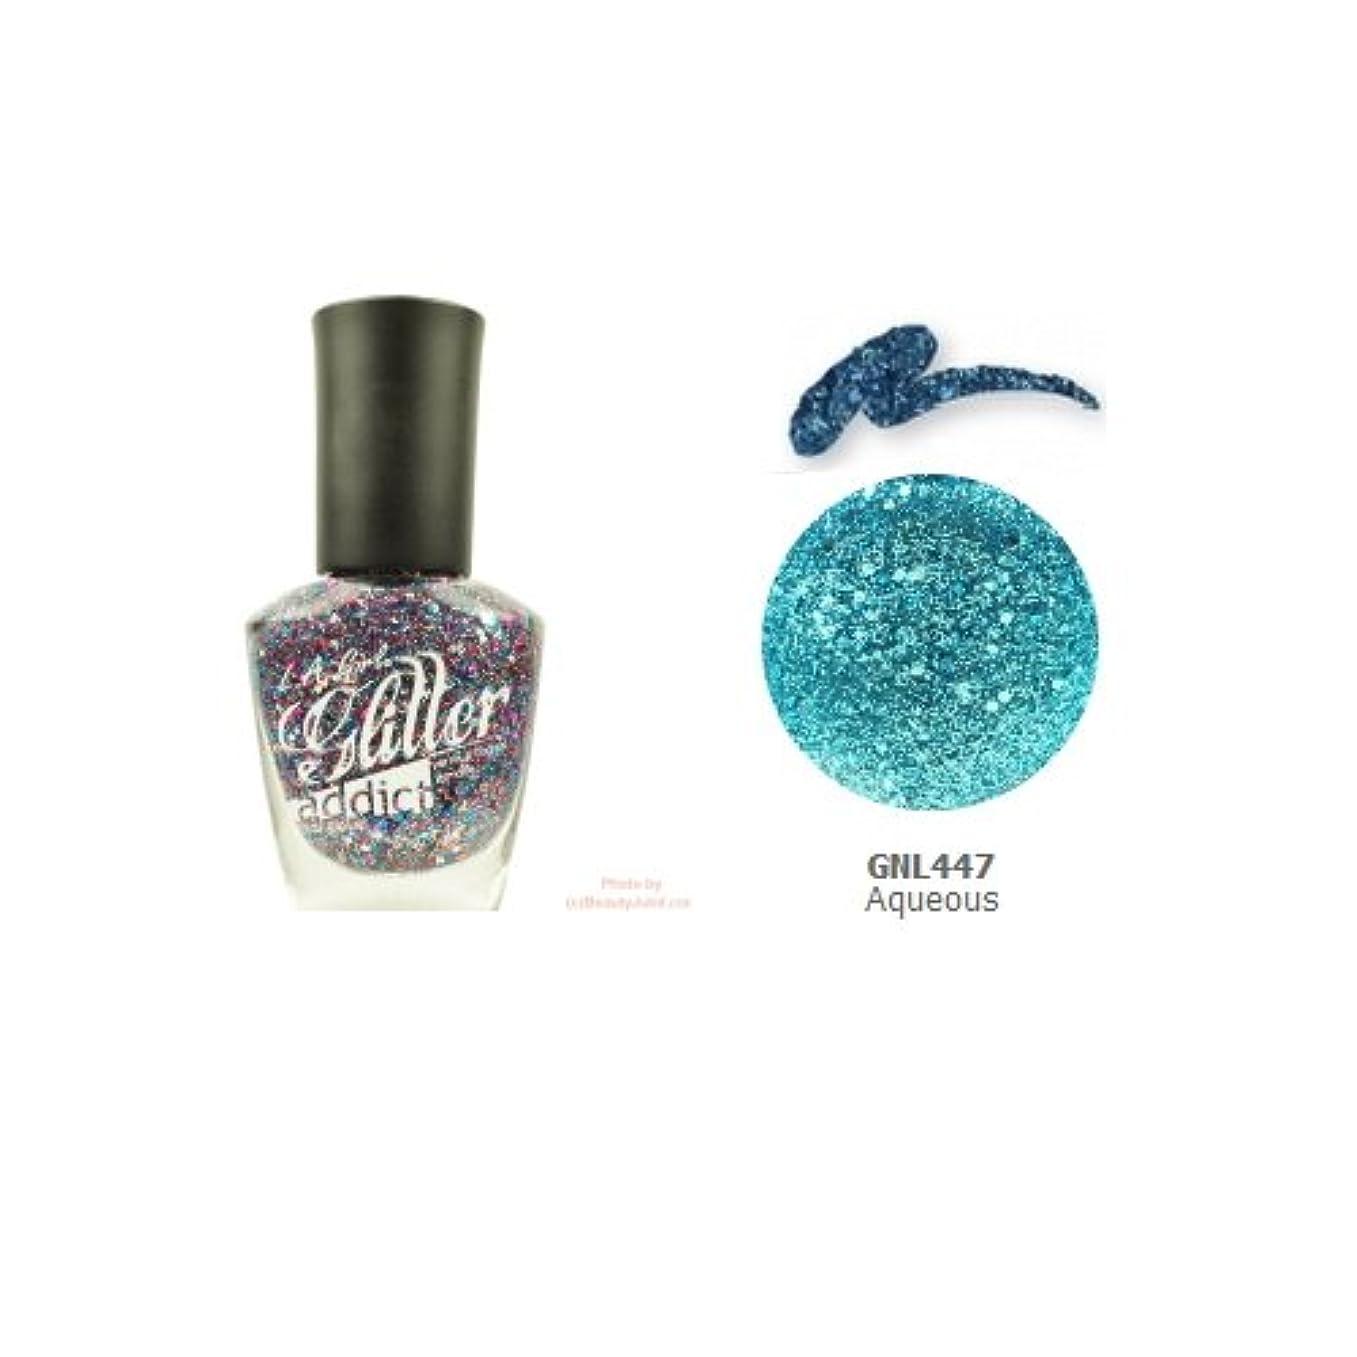 幻影パノラマ受取人(3 Pack) LA GIRL Glitter Addict Polish - Aqueous (並行輸入品)